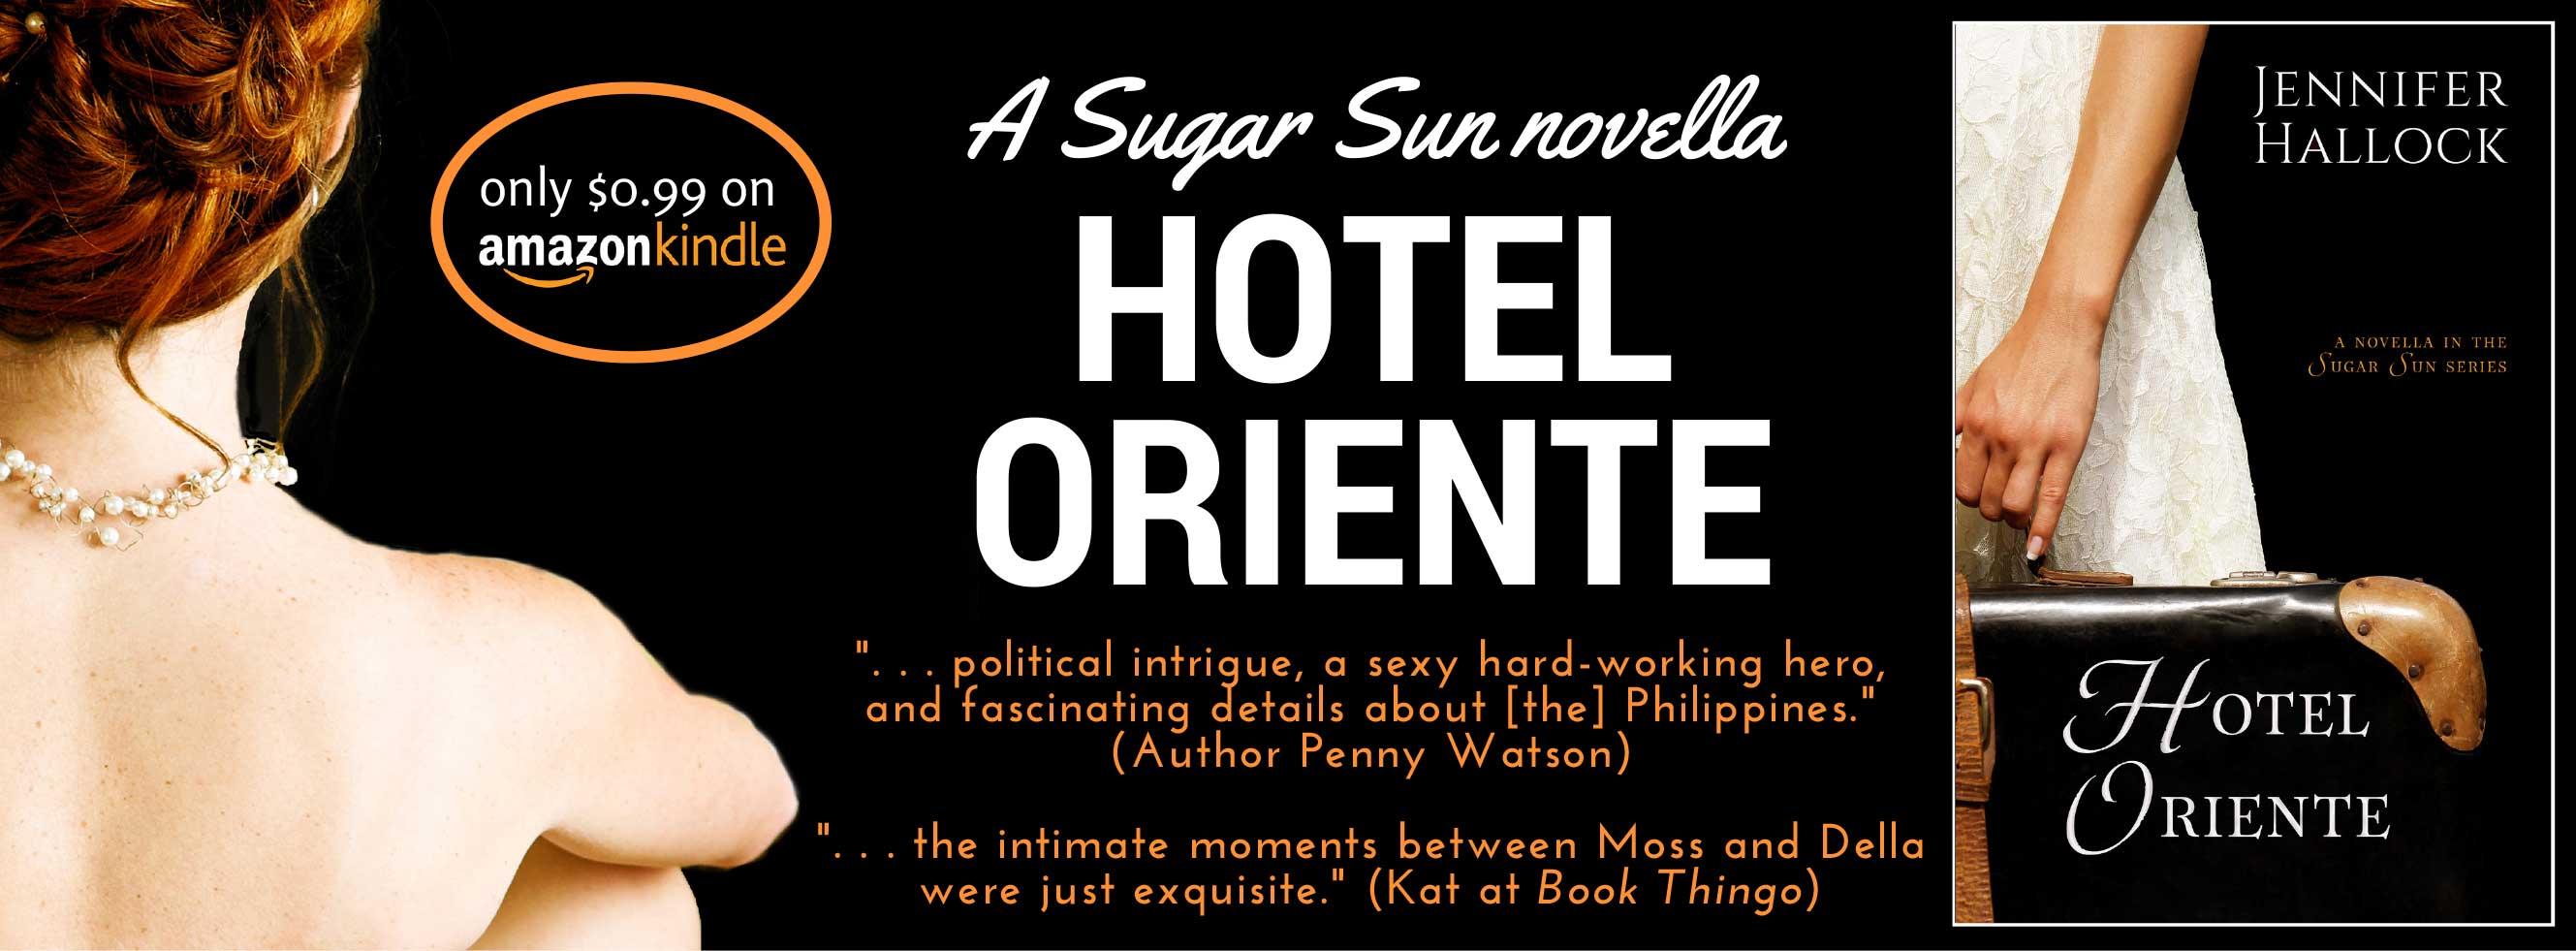 hotel-oriente-banner